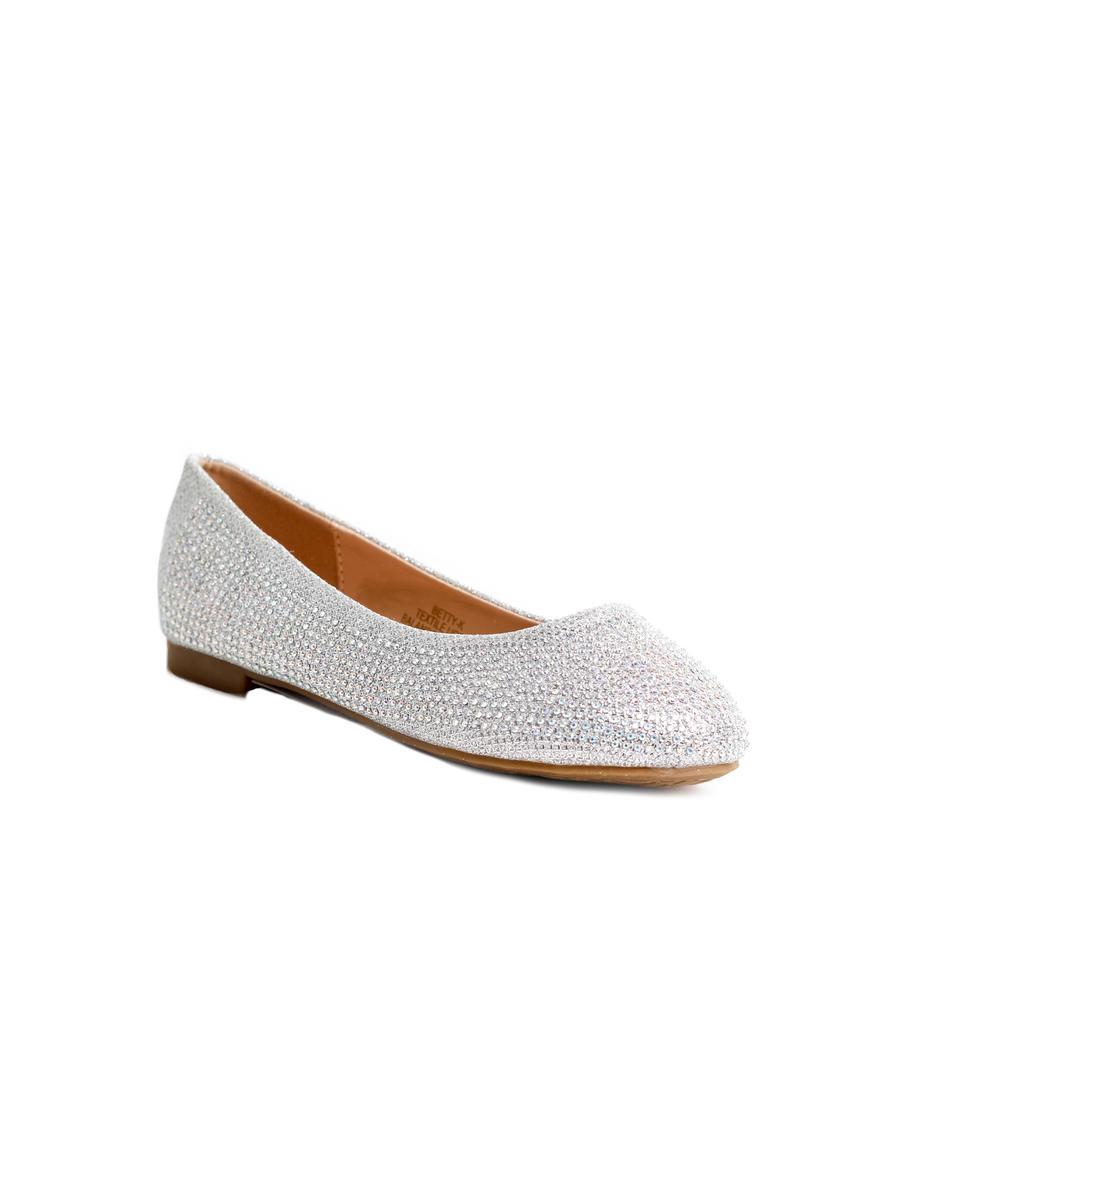 A & L Footwear